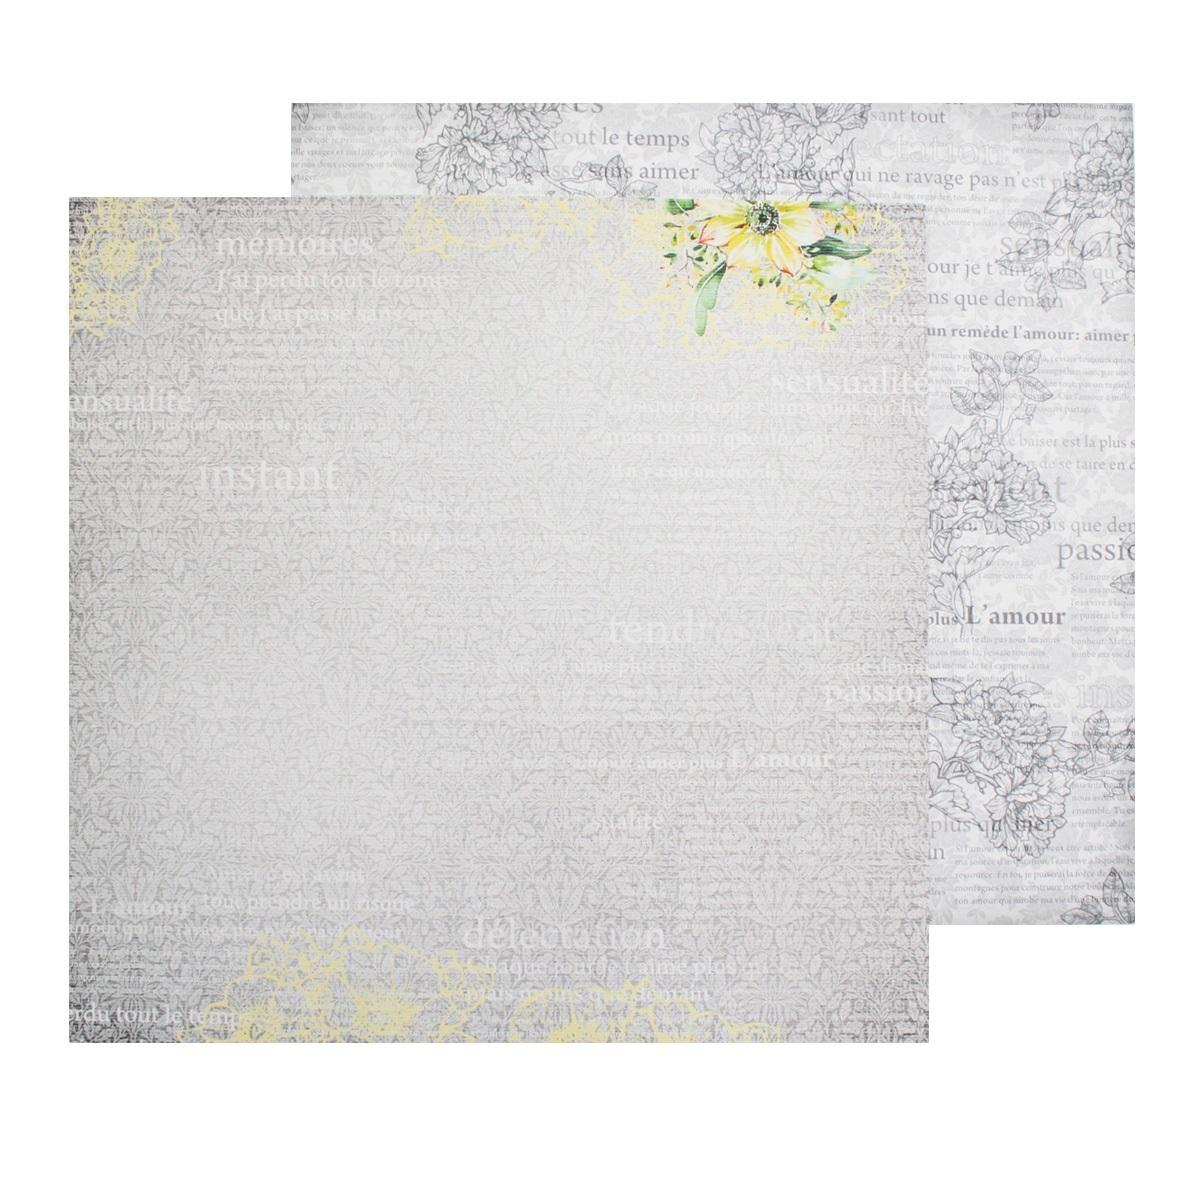 Бумага для скрапбукинга ScrapBerrys Разрисованная вуаль. Нежность, двухсторонняя, 30,5 х 30,5 см, 10 листов. 497554497554